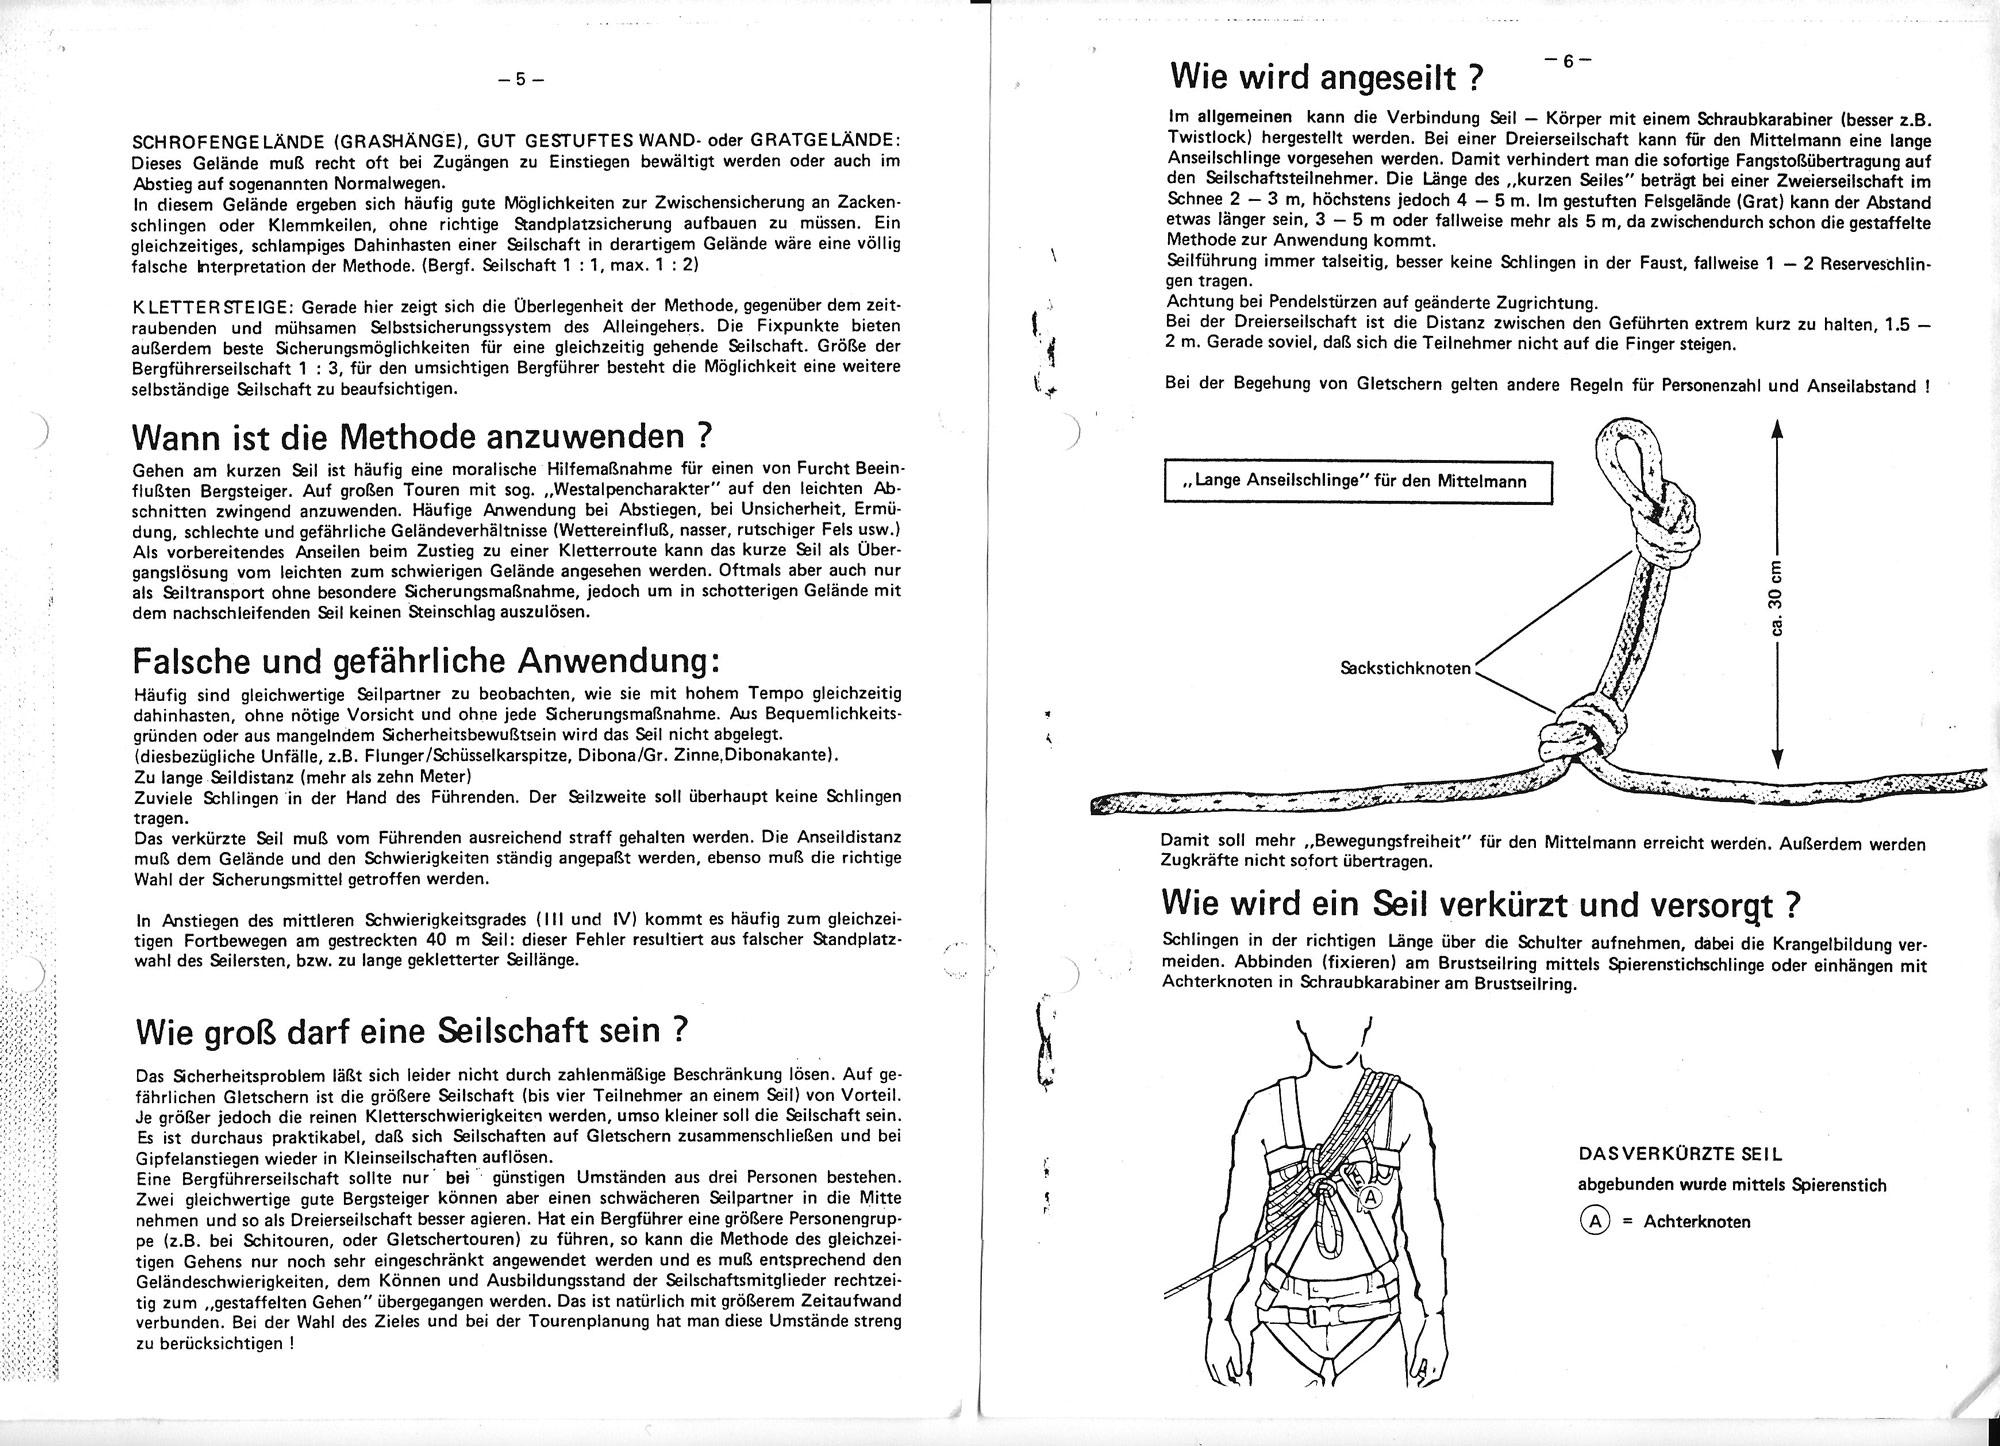 """Skriptum """"Gehen am kurzen Seil als sicherungs- und führungstechnische Maßnahme"""" von Klaus Hoi I bergundsteigen.blog"""